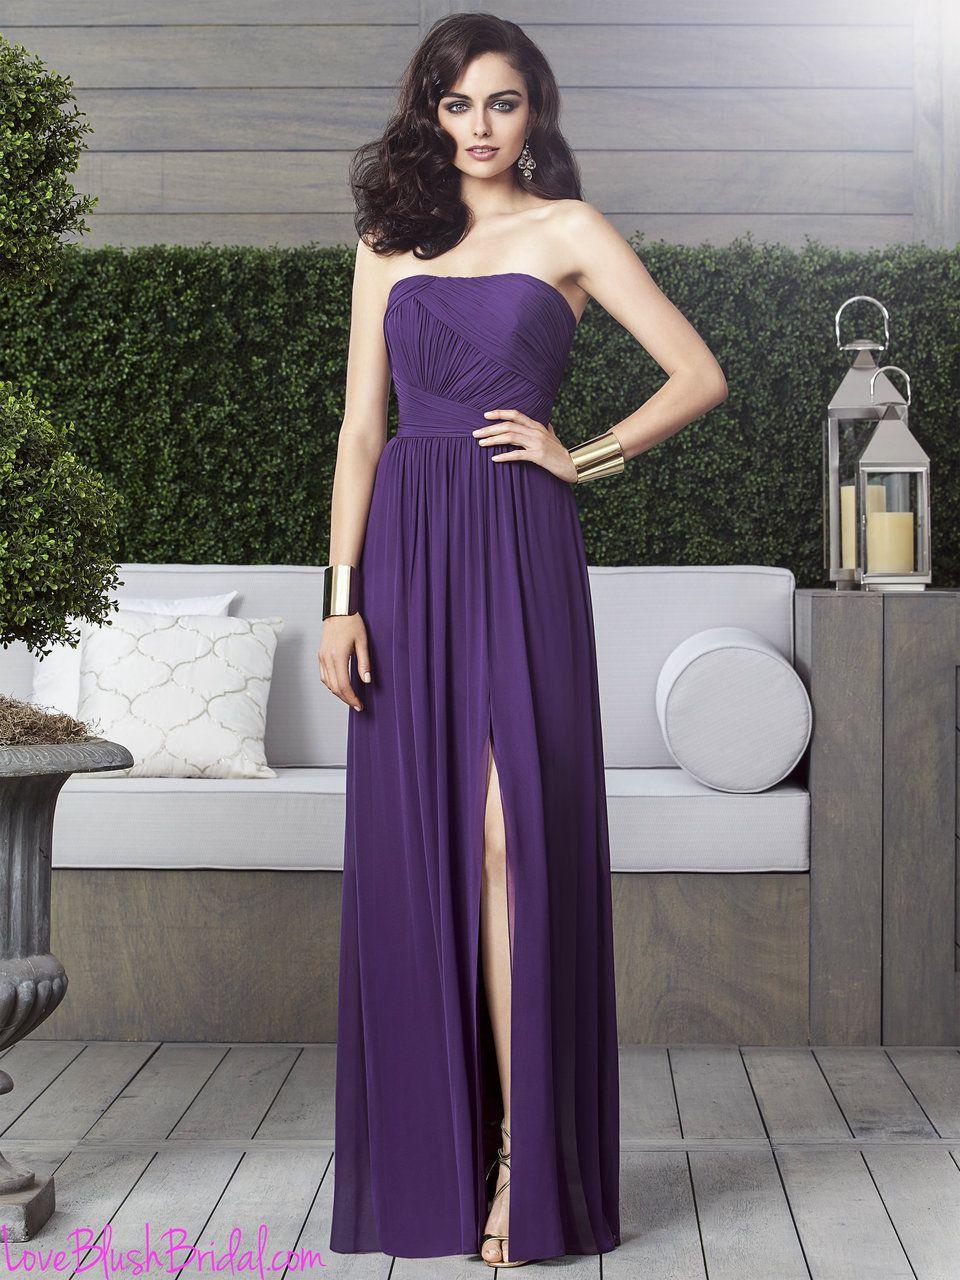 Hermosa Vestidos De Novia Impresos Colección de Imágenes - Vestido ...